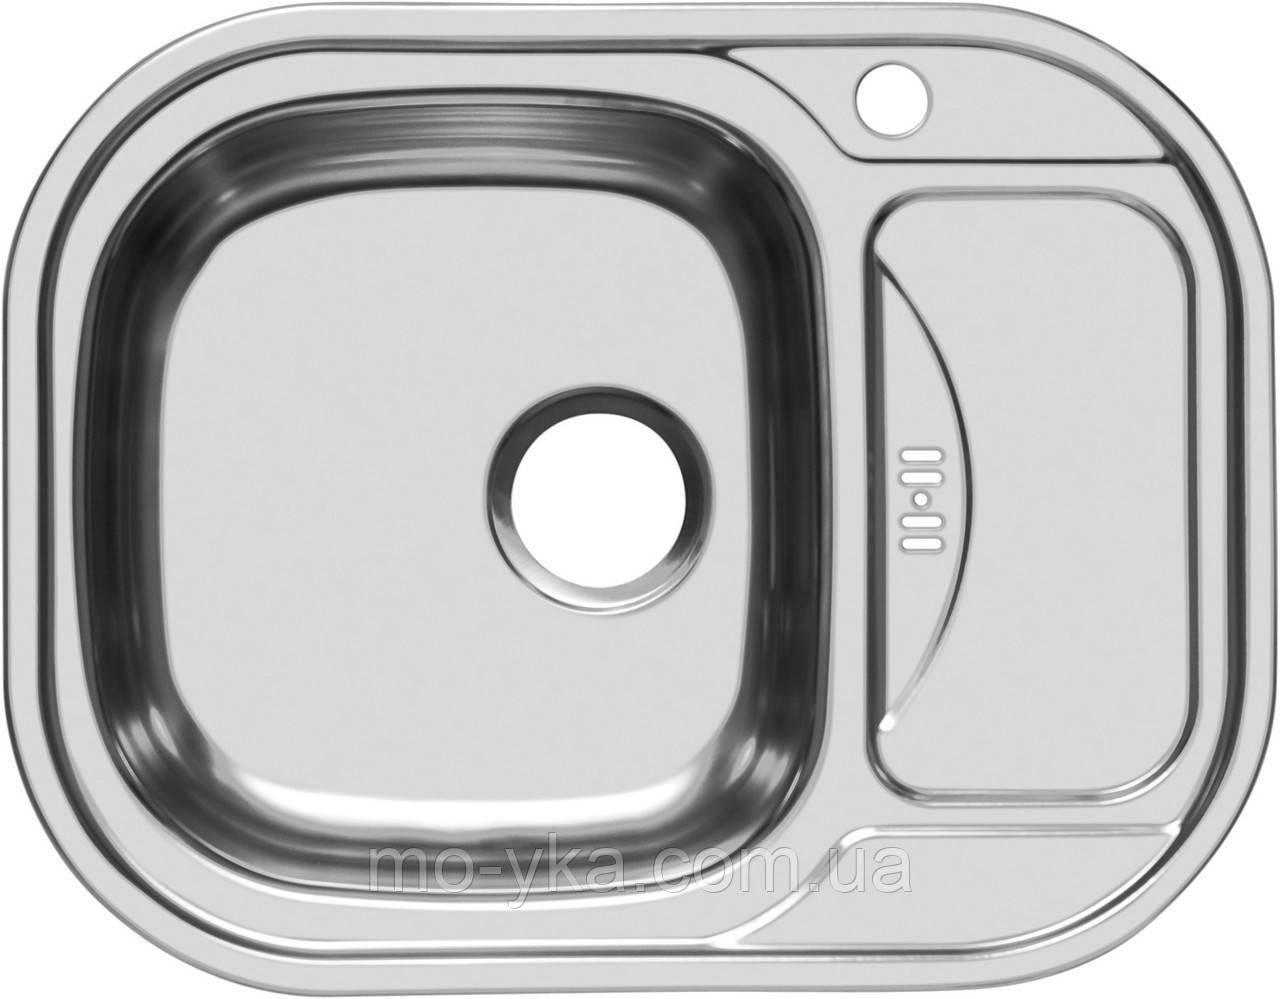 Кухонная мойка Ukinox GАL 628.488.GW 8K